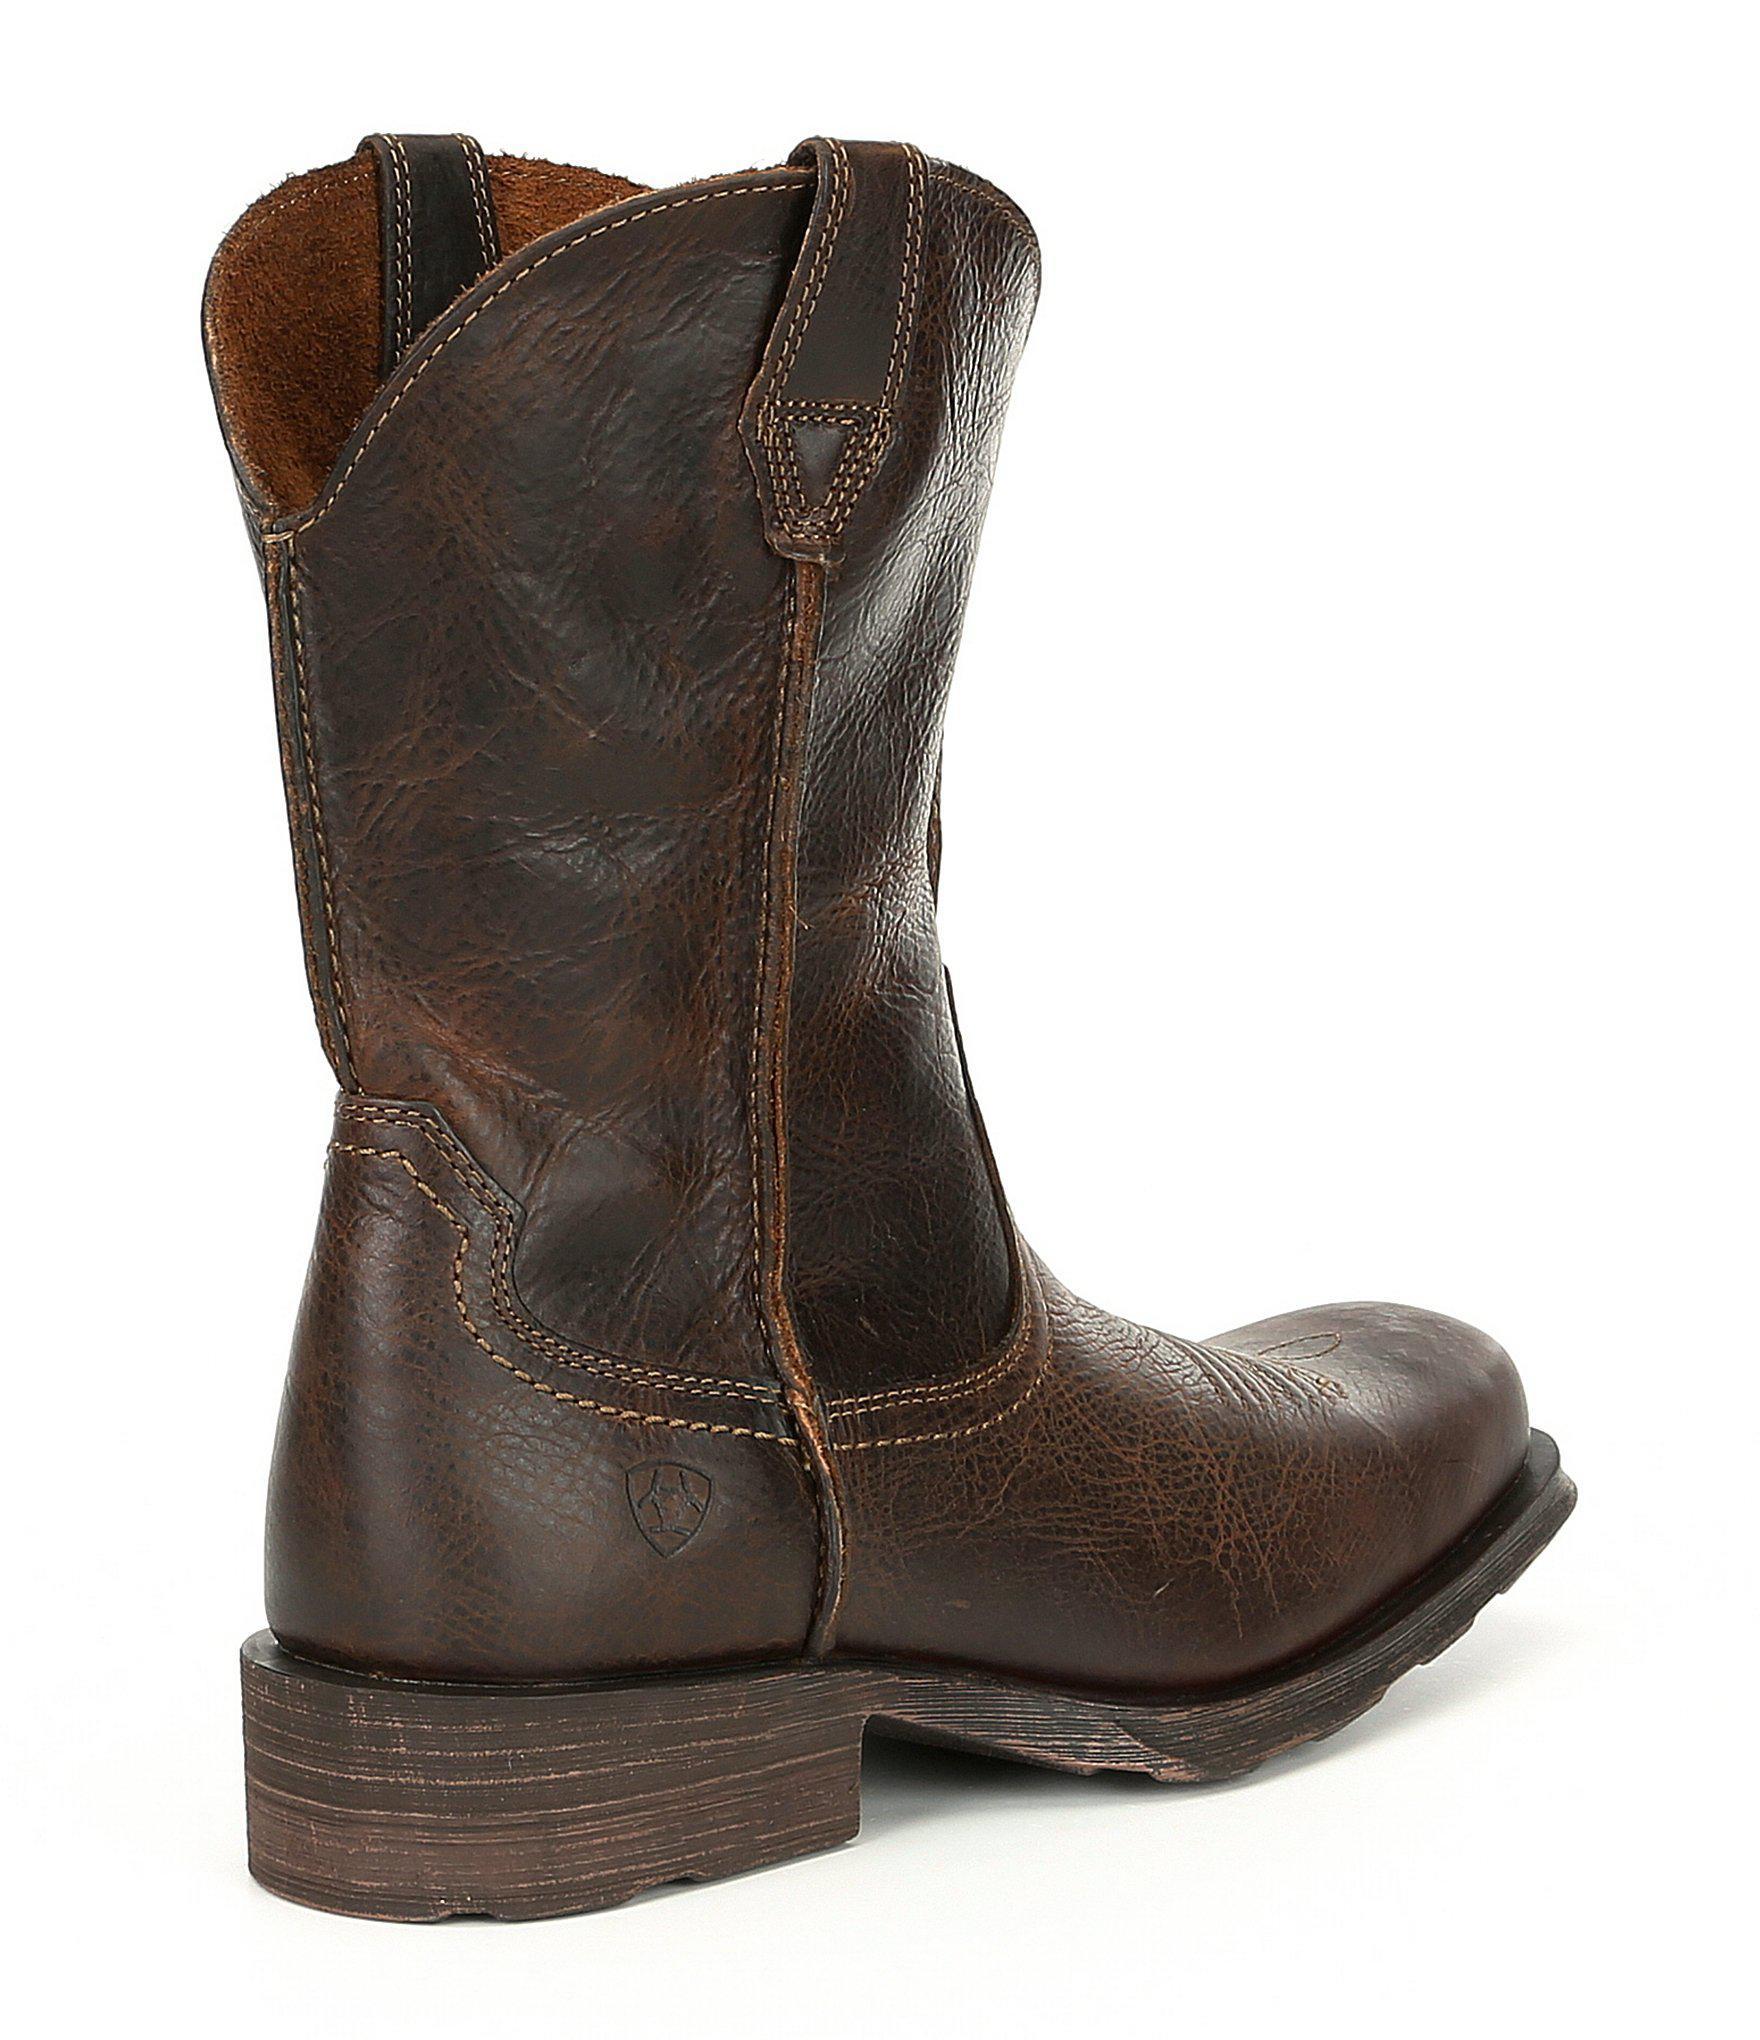 a8135d84c7d Brown Men's Rambler Square Toe Work Boot